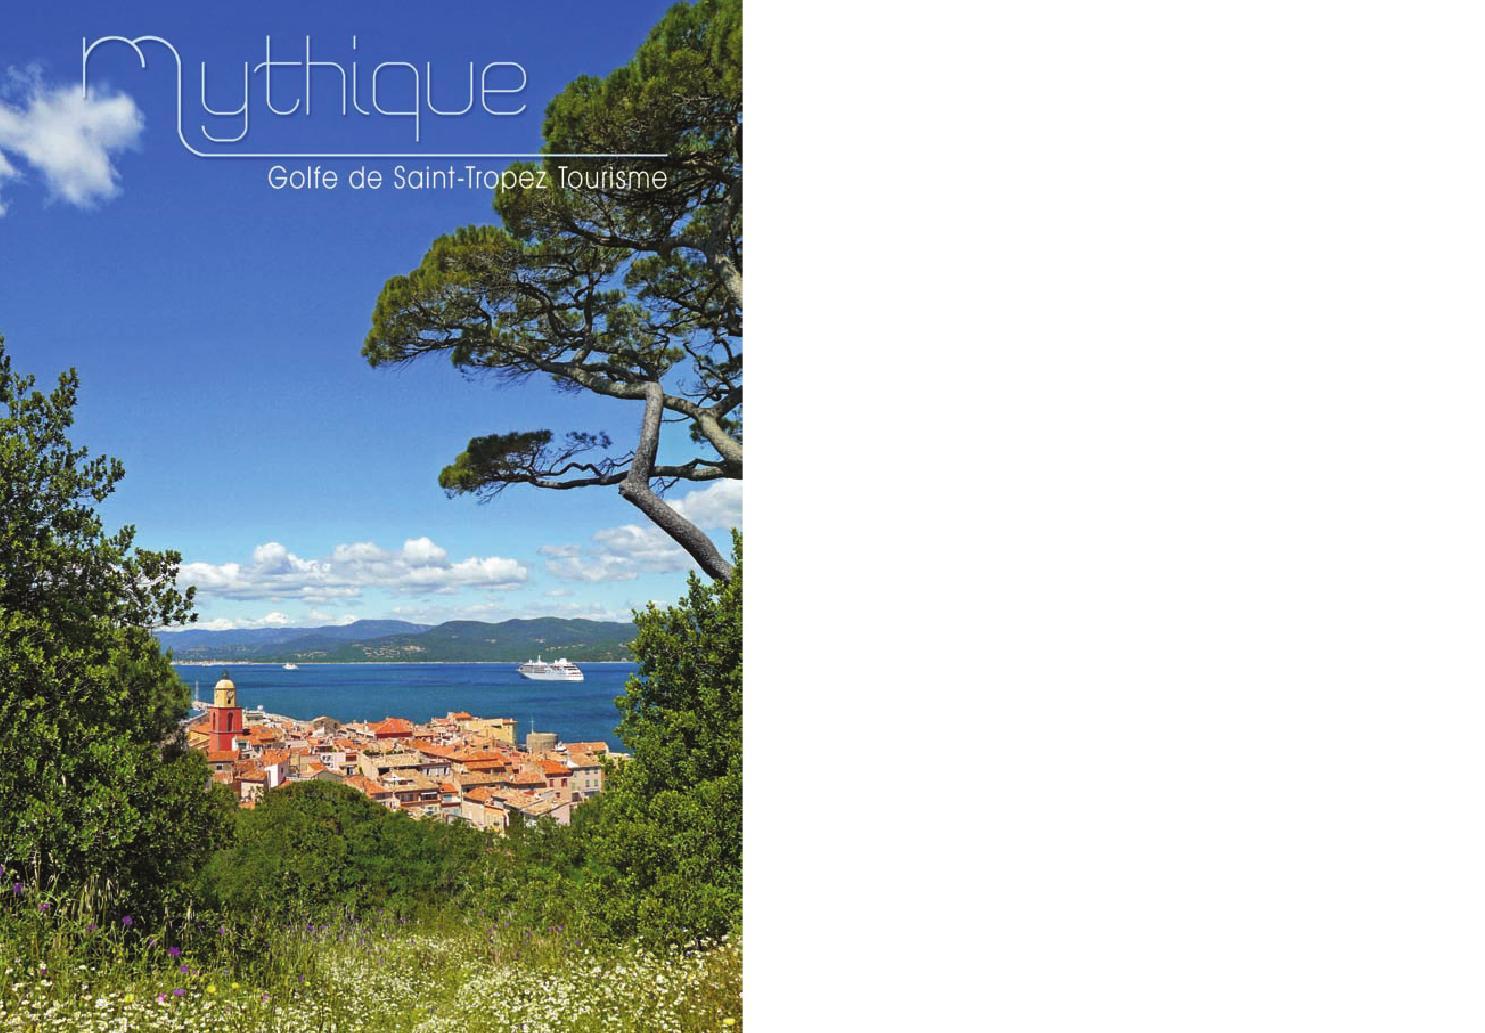 Mythique 2013 - Golfe de Saint-Tropez by Emmanuel Bertrand - issuu 72c514ae57f